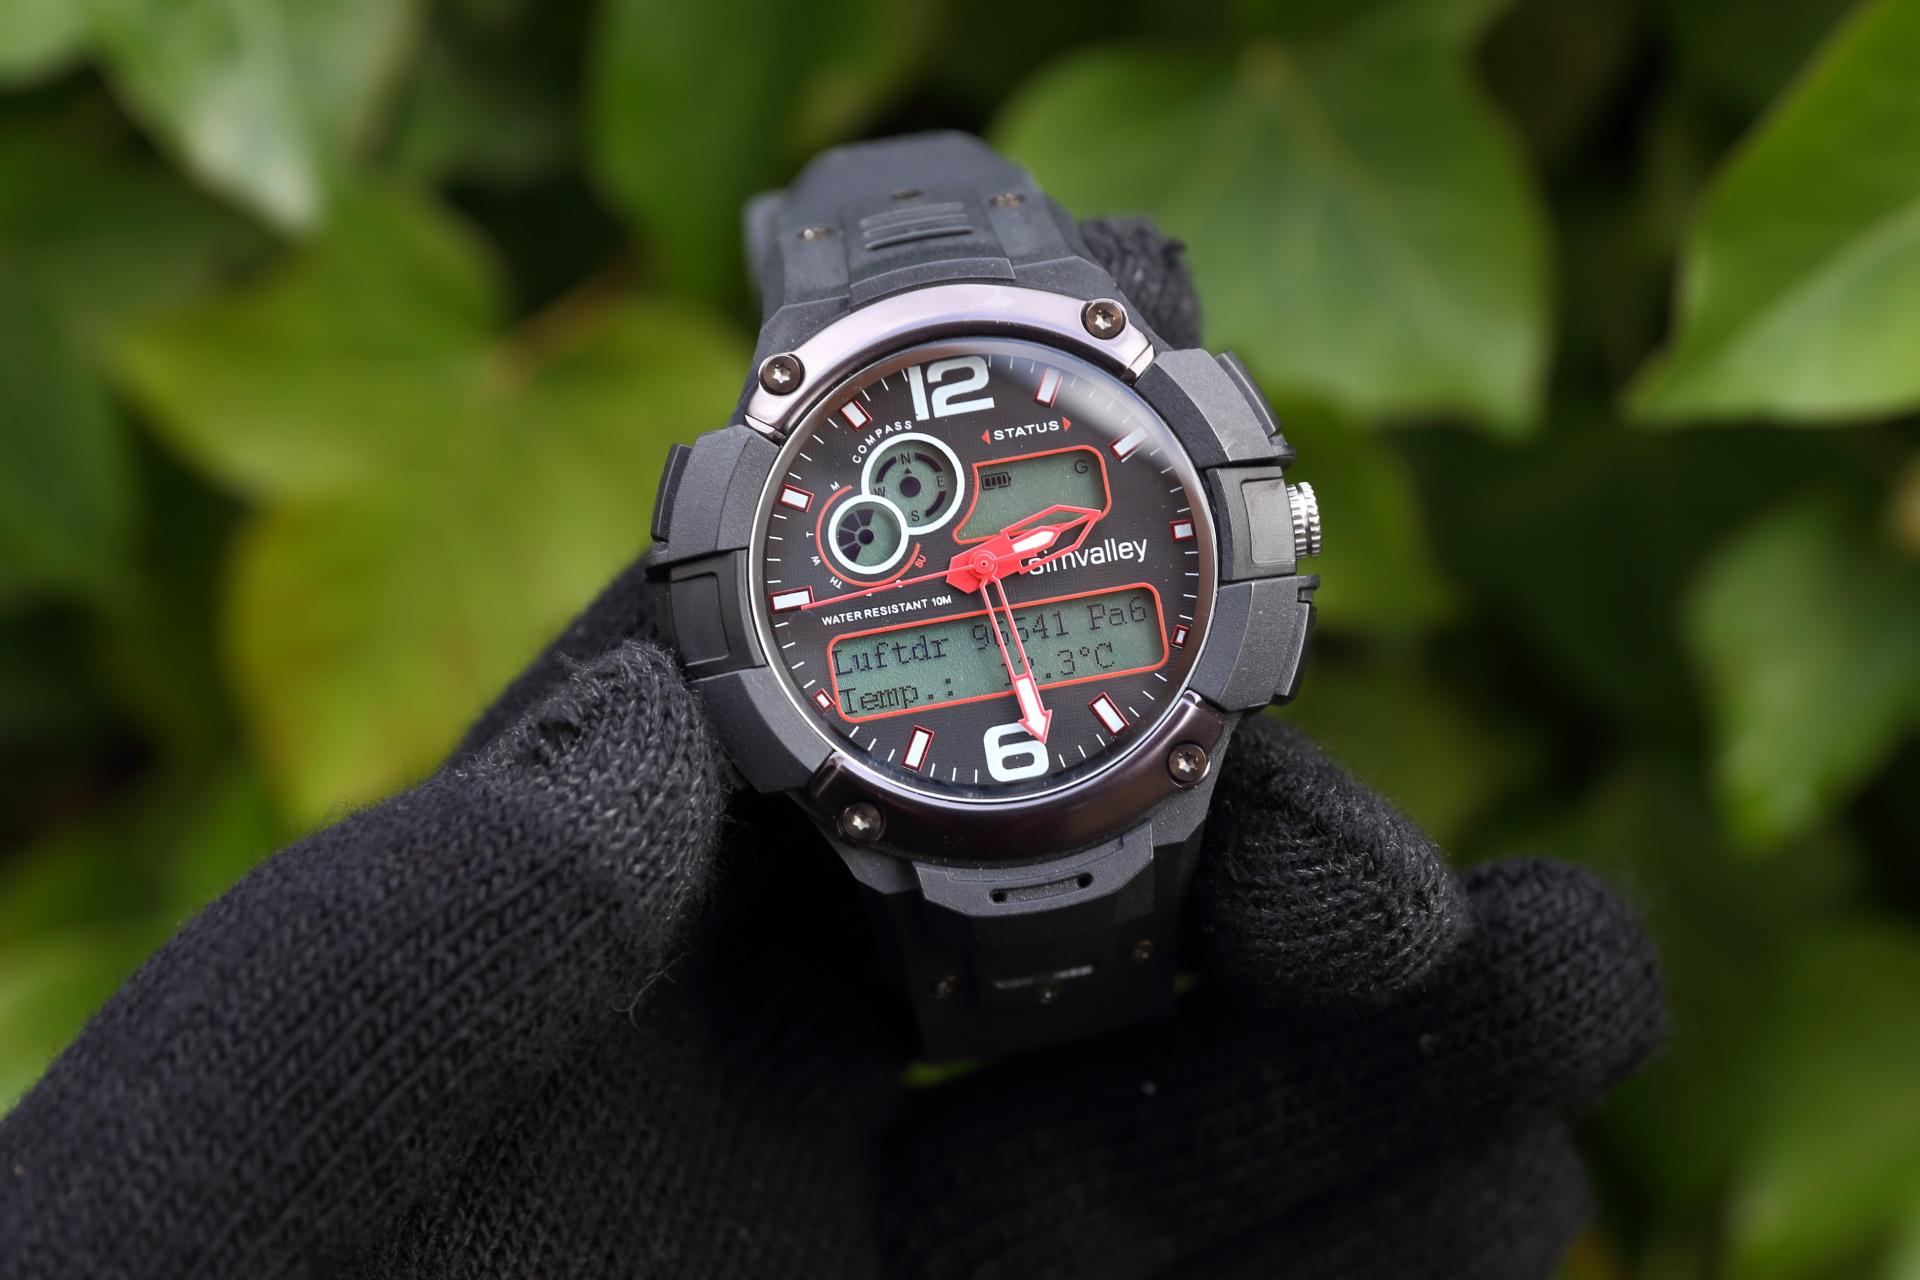 Entfernungsmesser Uhr : Entfernungsmesser gps tesi golf golfzubehör für jedermann zu